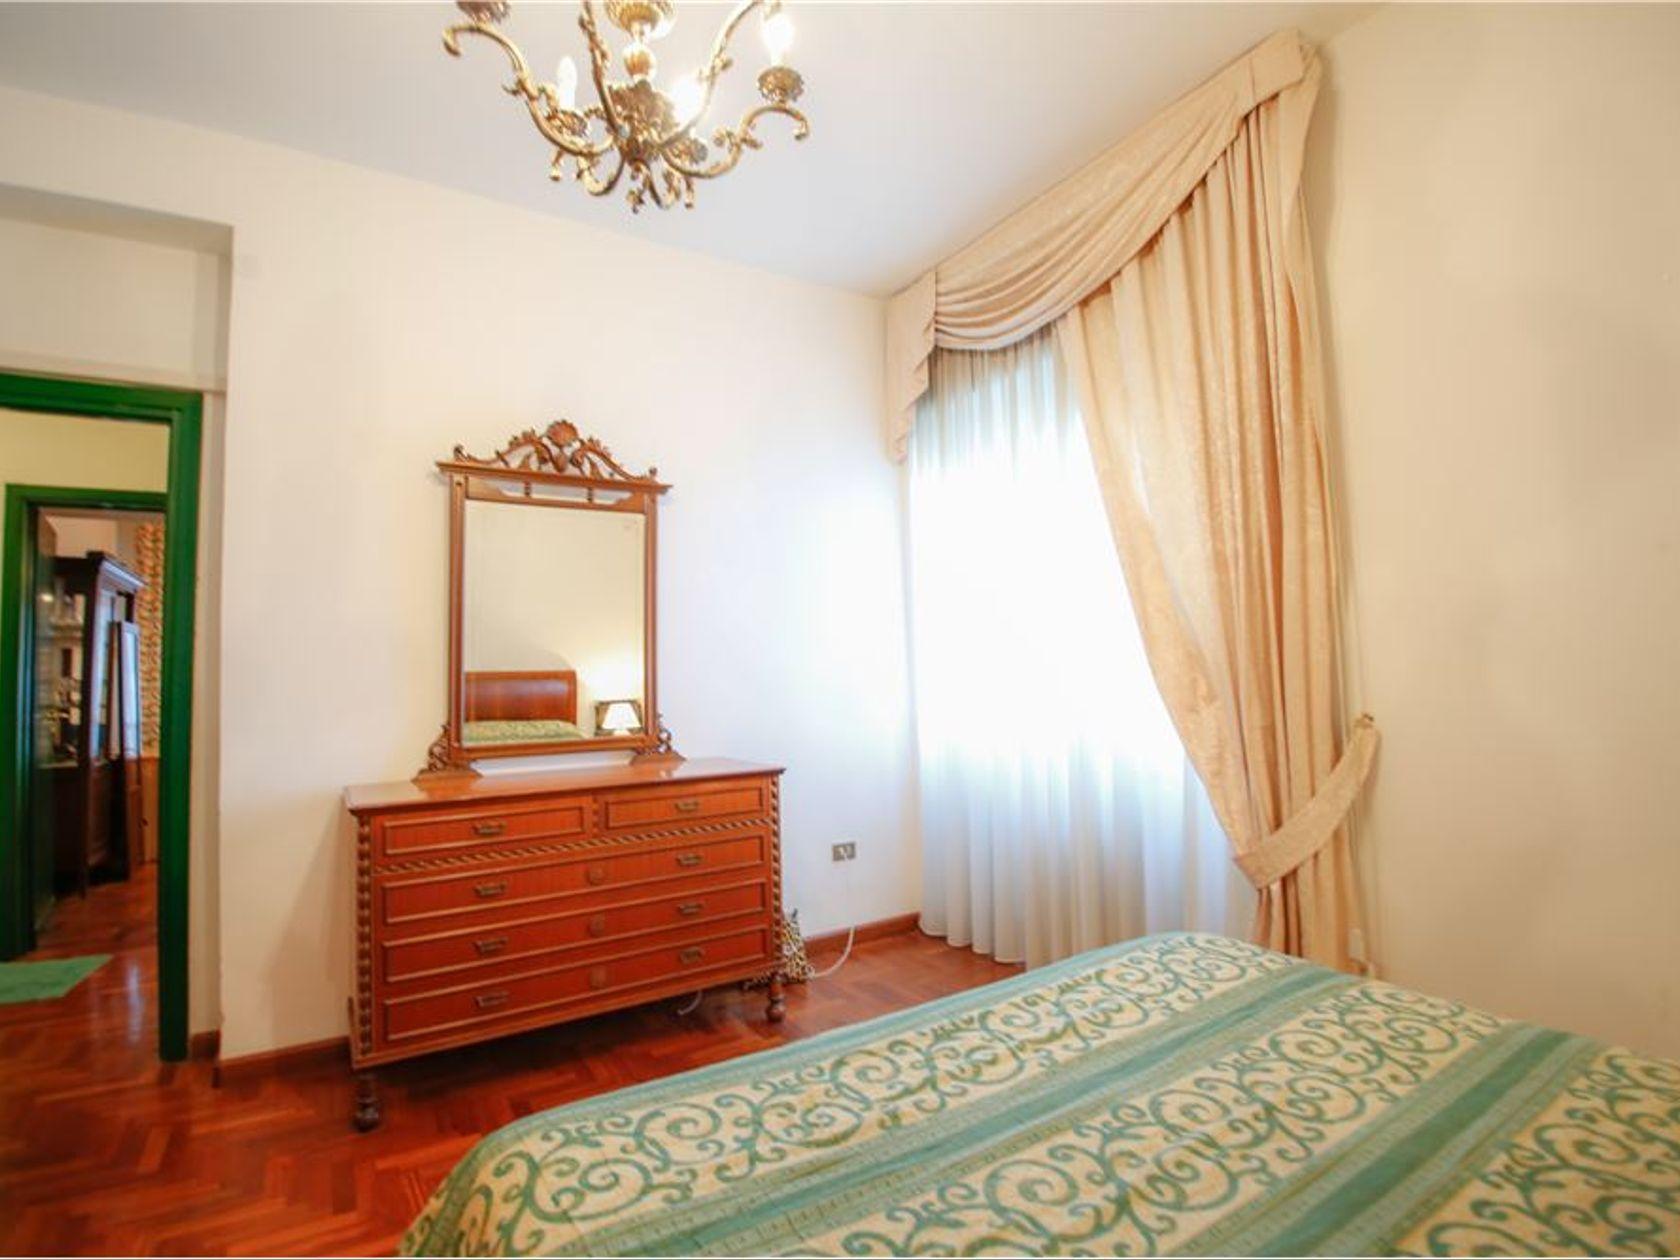 Appartamento Borgo Marfisi, Chieti, CH Vendita - Foto 14